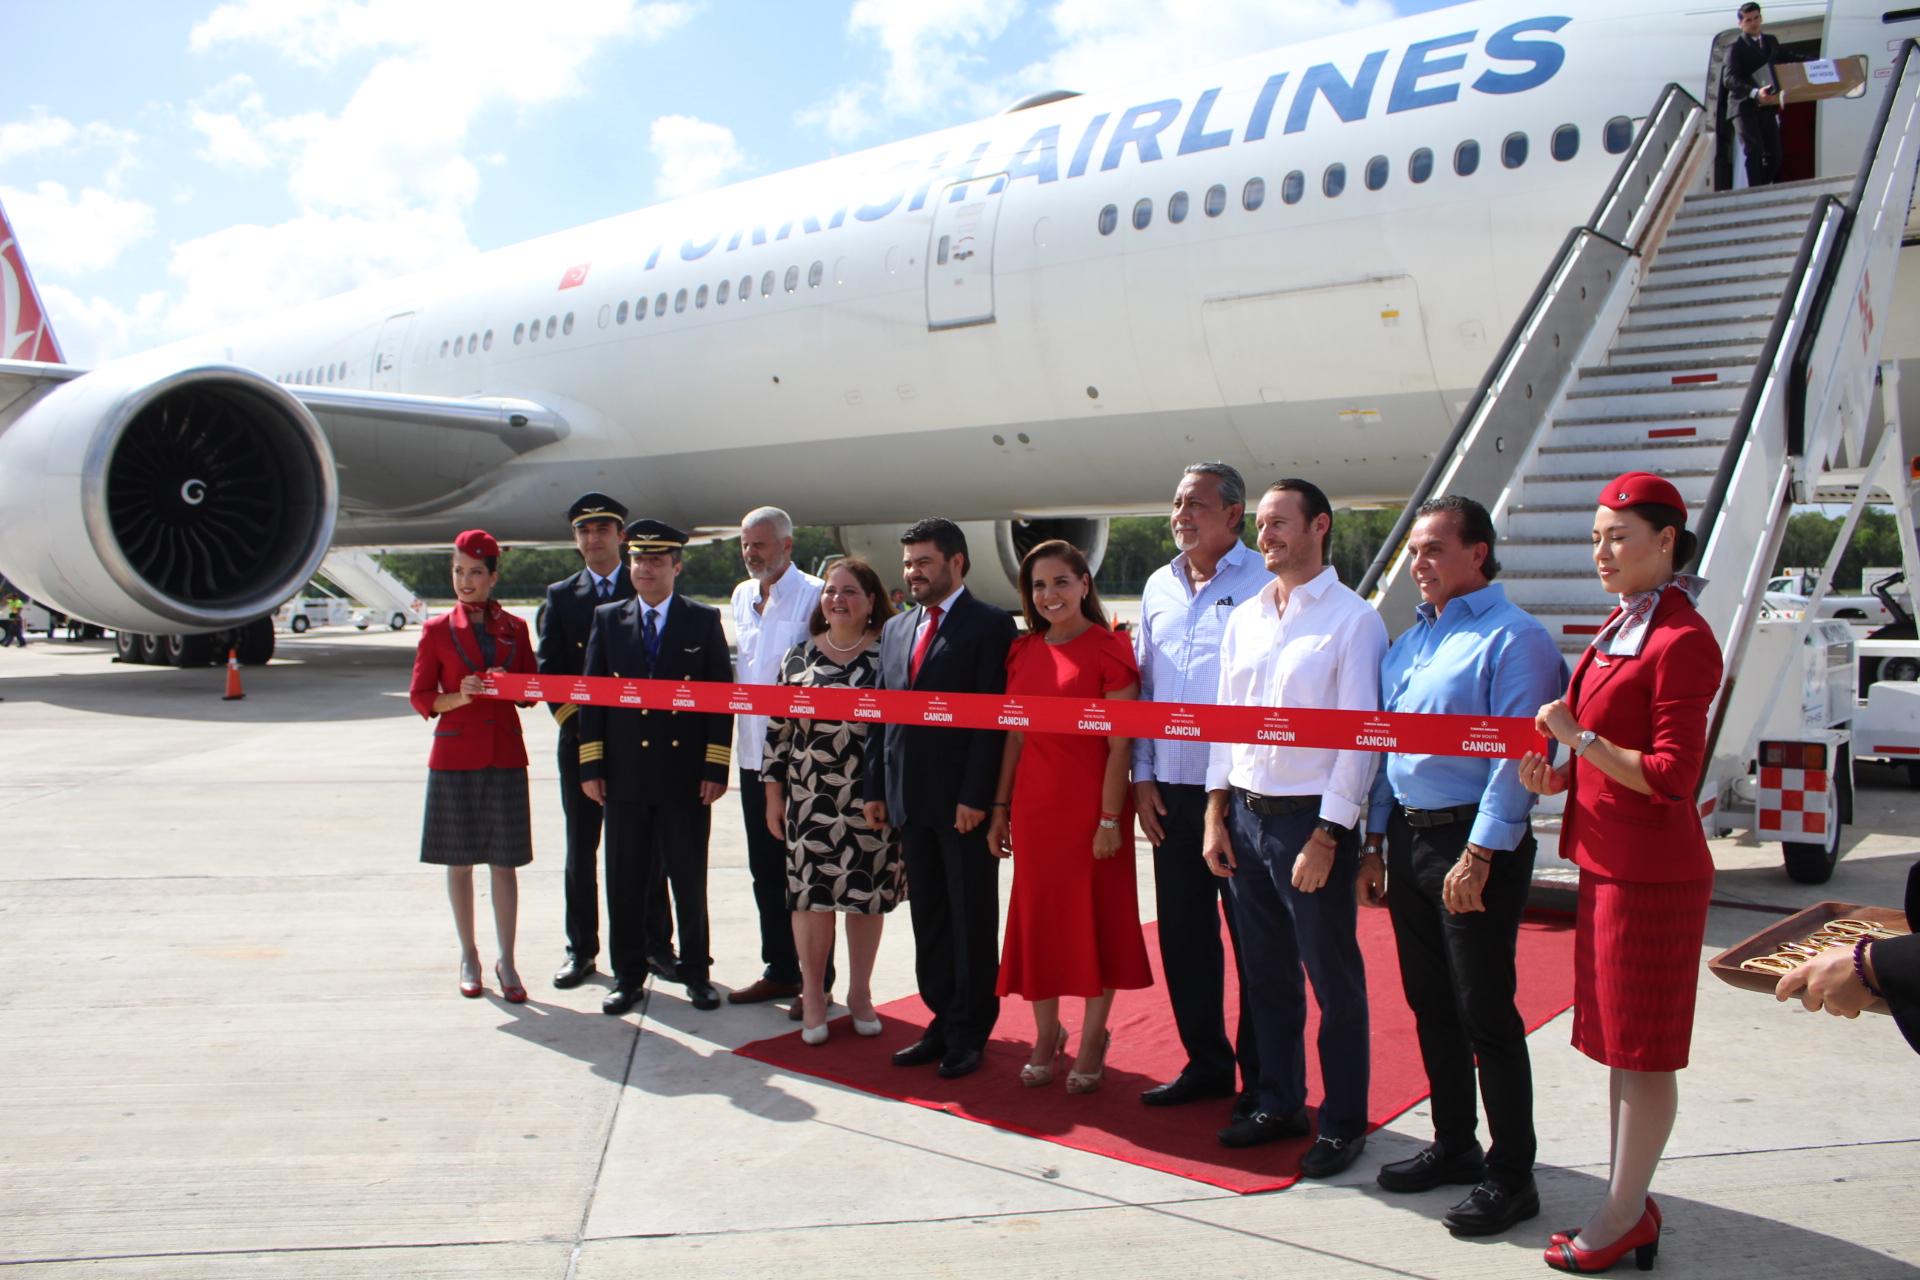 Turkish Airlines atteindra de nouveaux marchés en Asie et en Europe